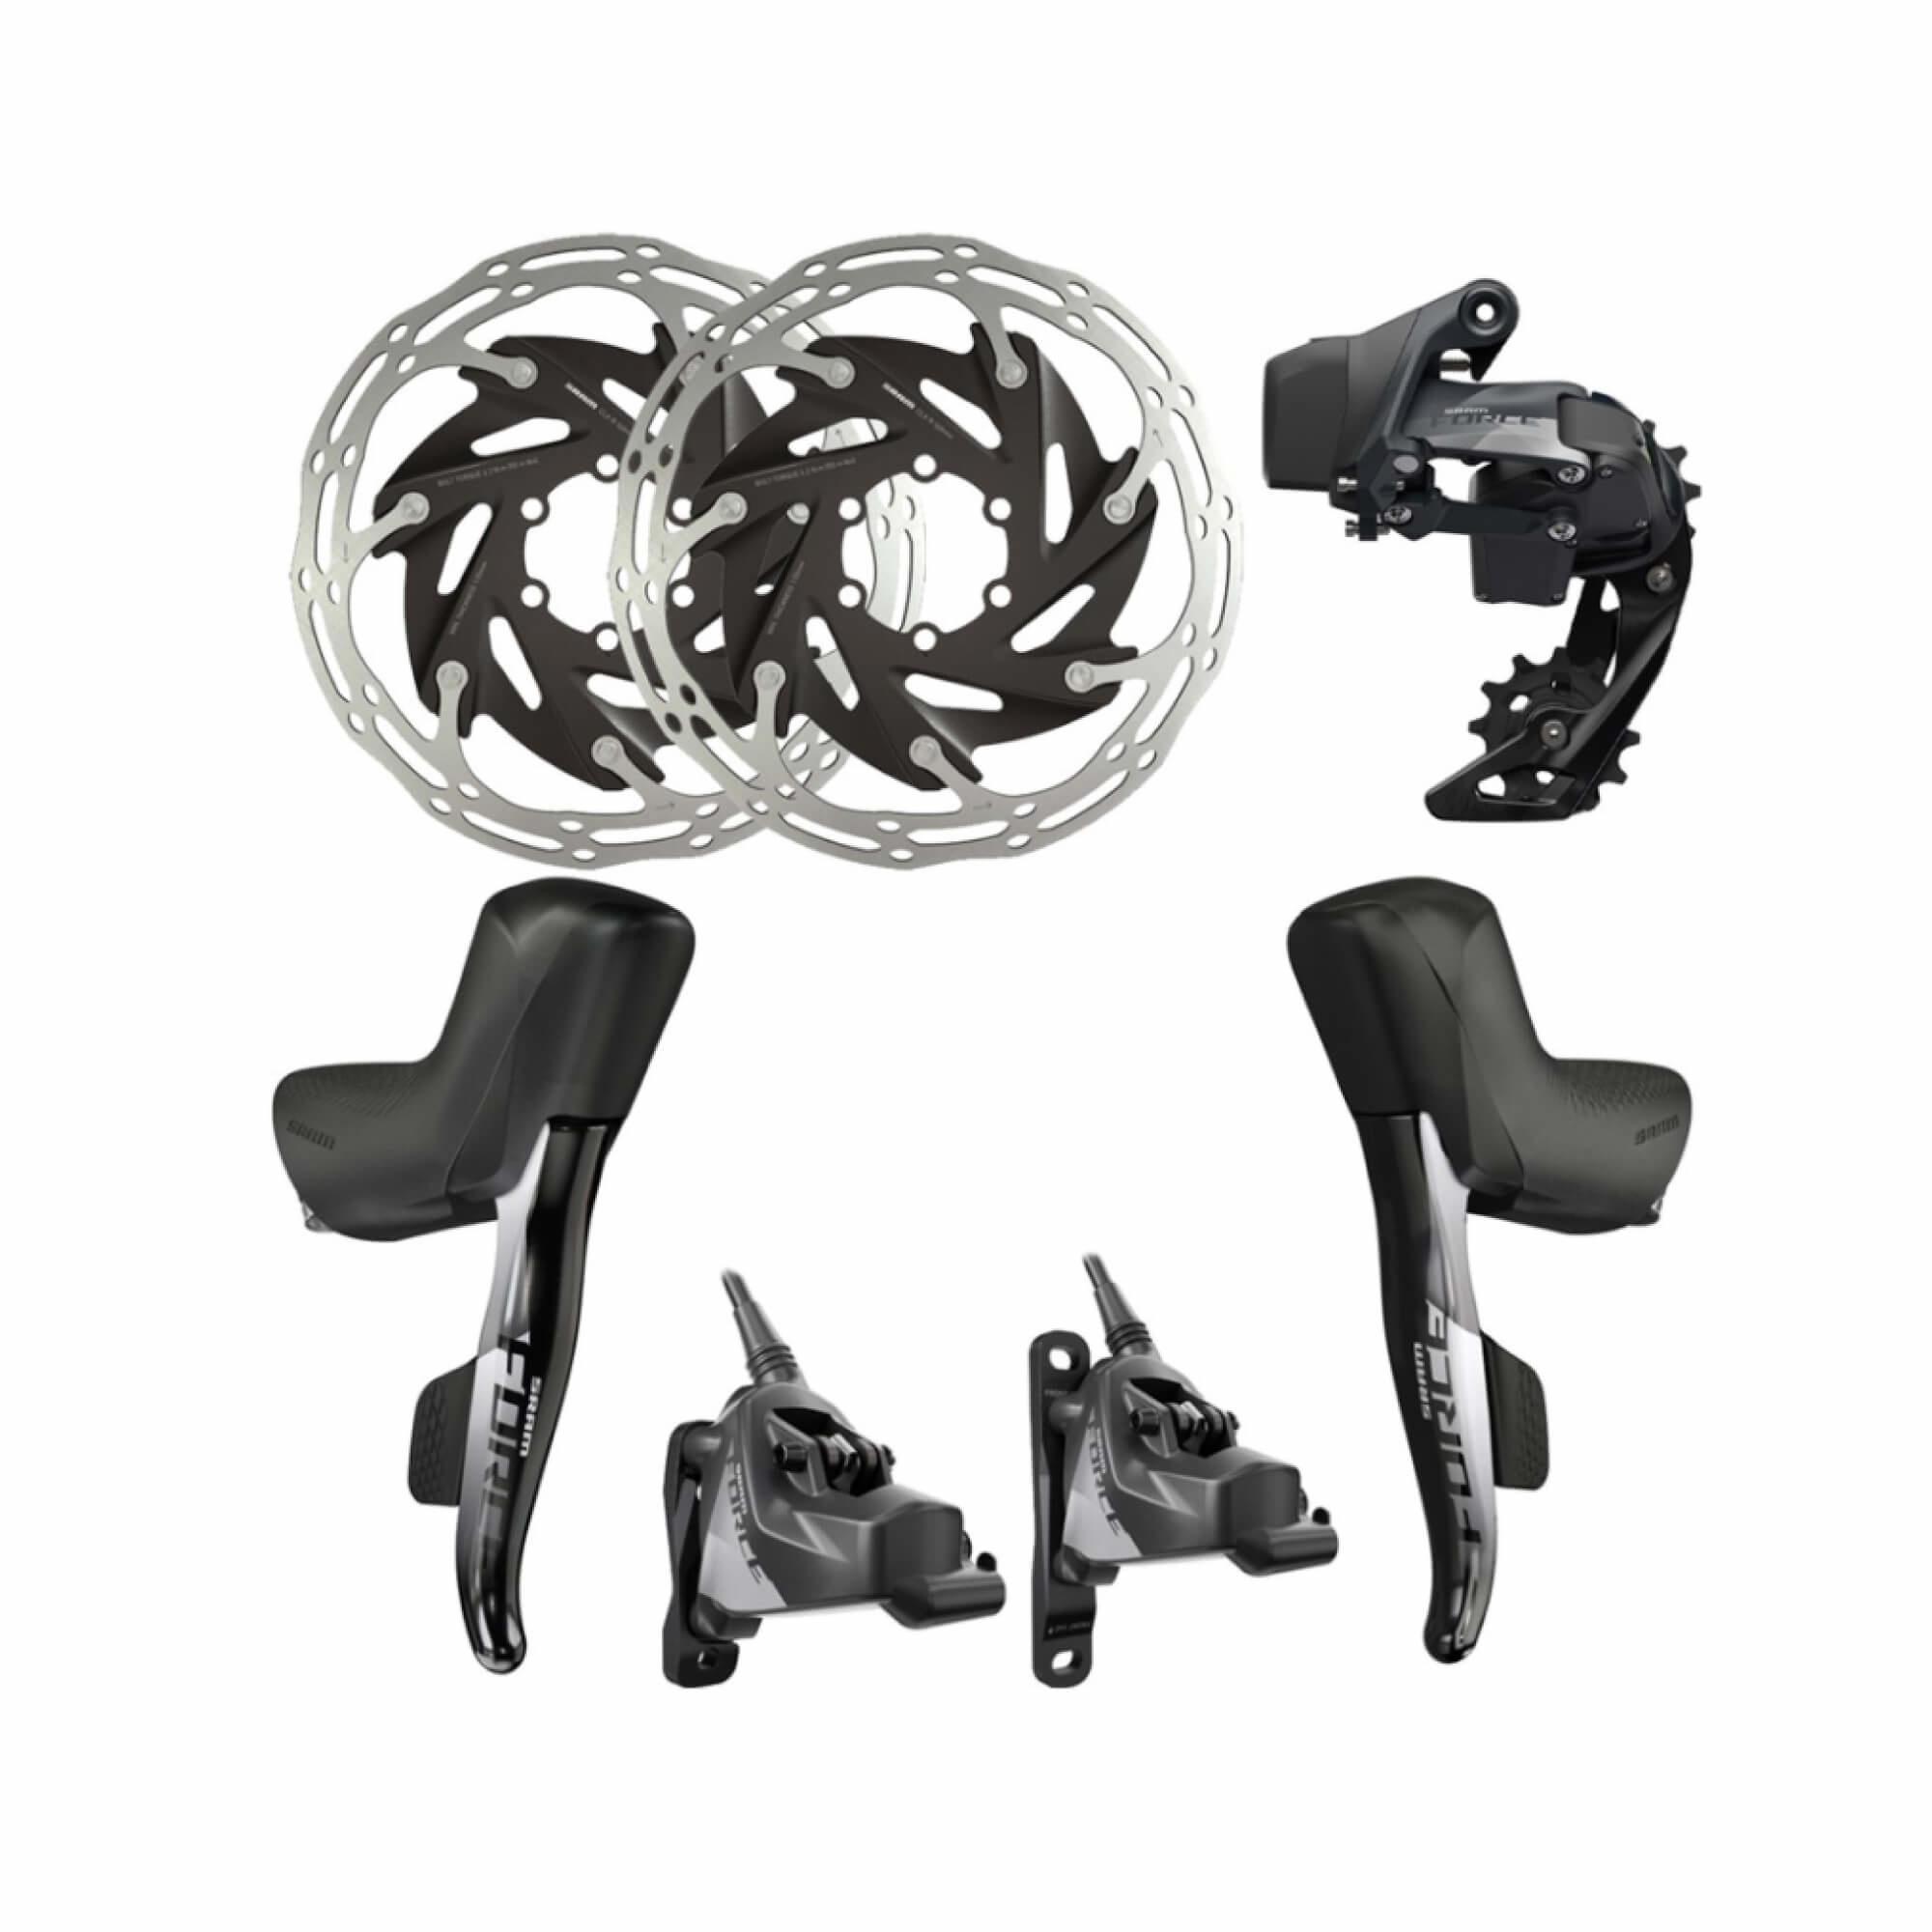 Force eTap AXS Upgrade Kit 1x Hydraulic 6 Bolt Disc Brake Flat Mount-1